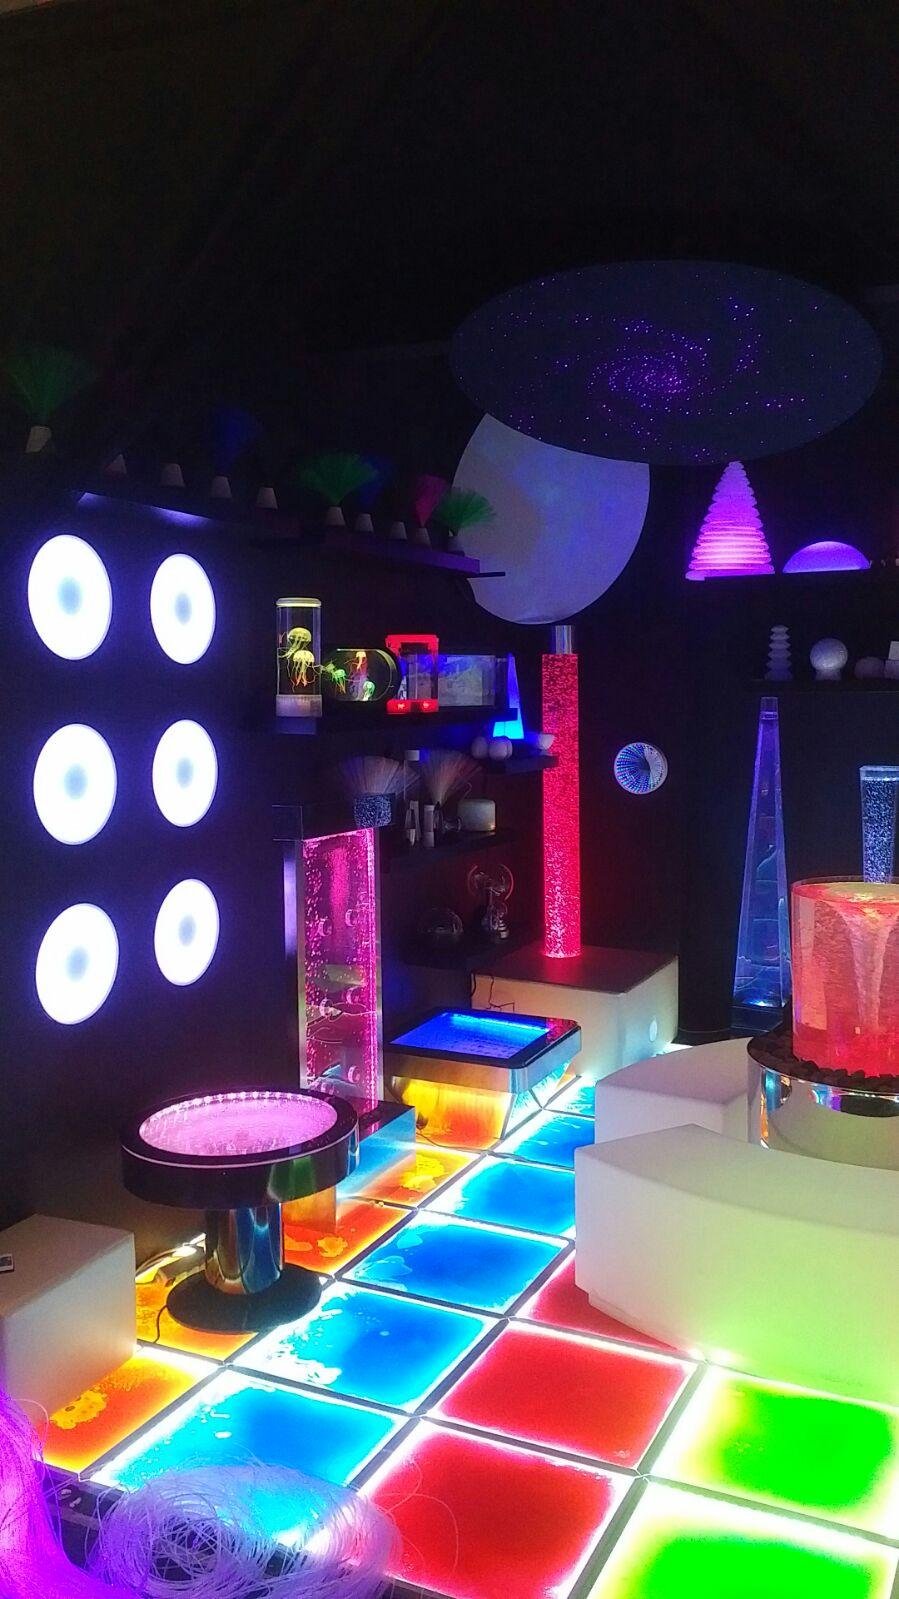 Sensory Integration Room Design: Sensory Room Ideas, Build Your Own Light Up Sensory Space